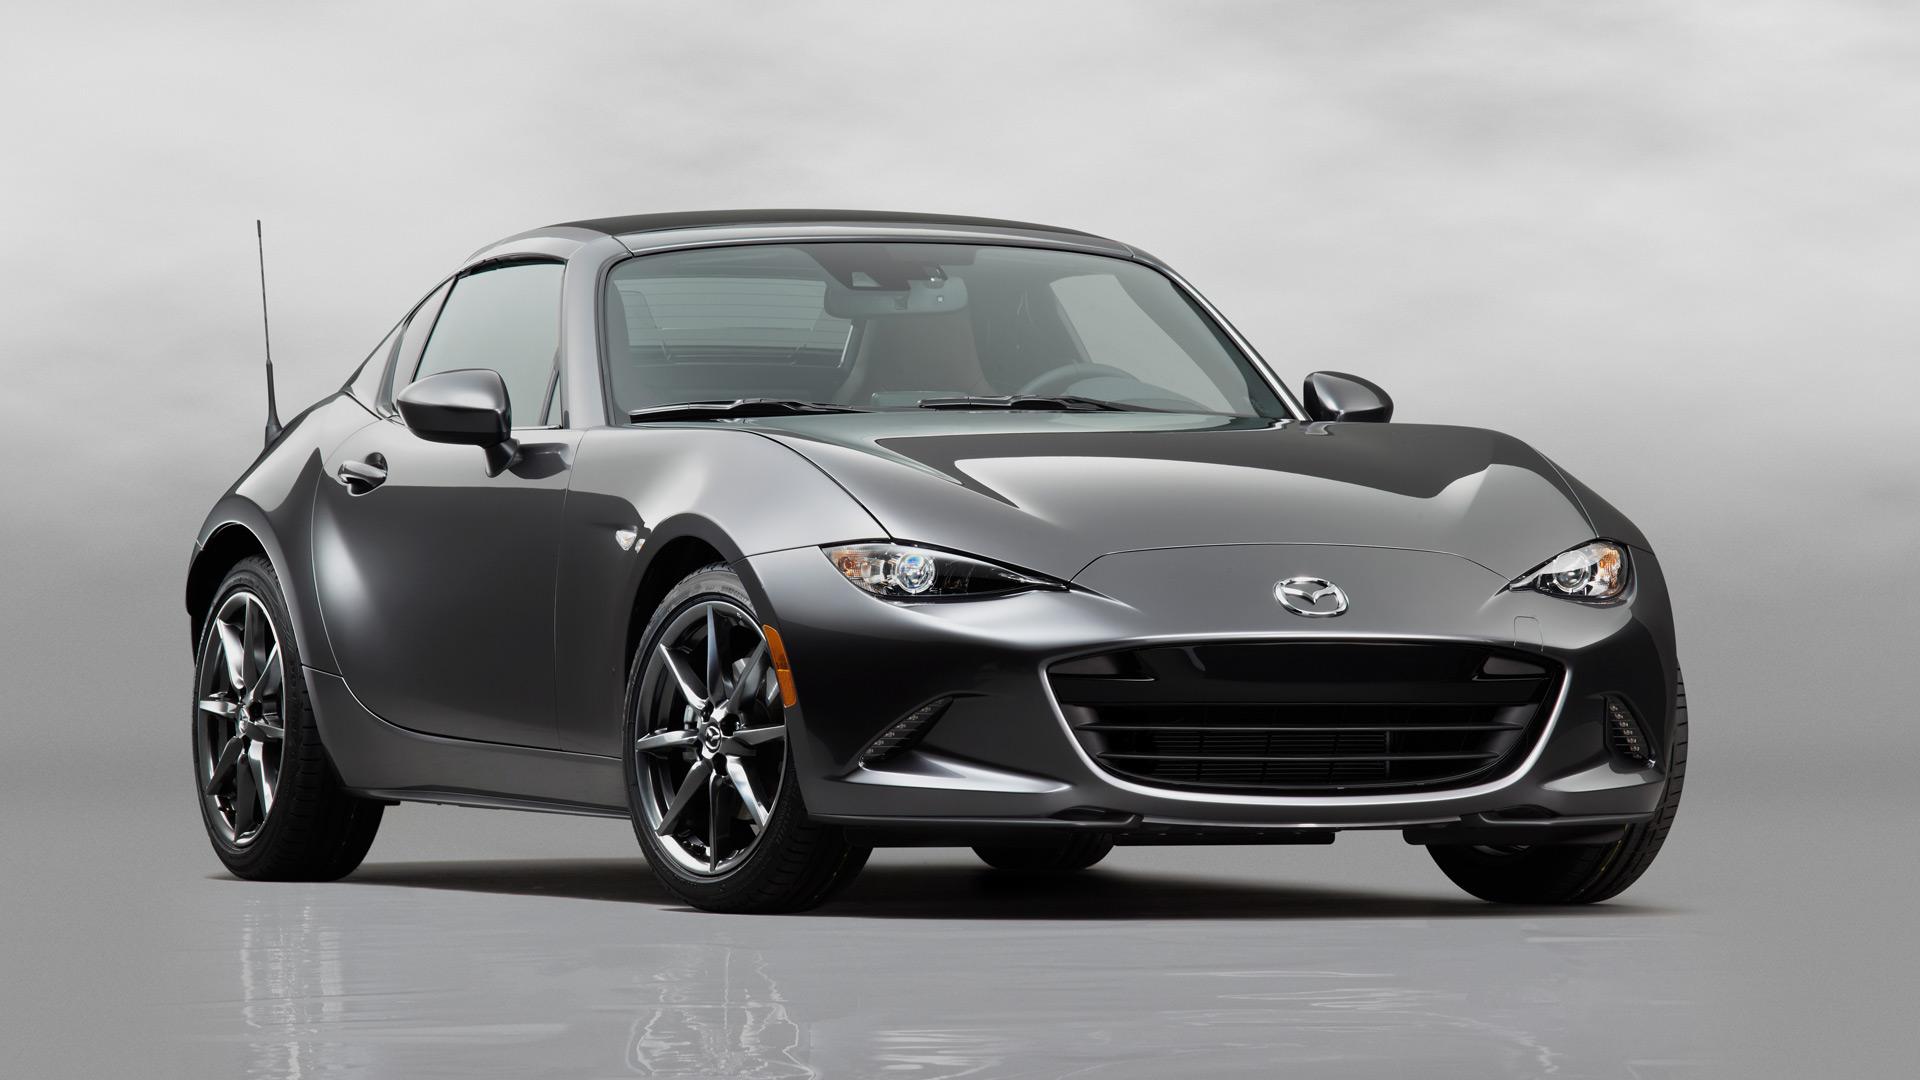 Kelebihan Kekurangan Mazda Mx5 Perbandingan Harga